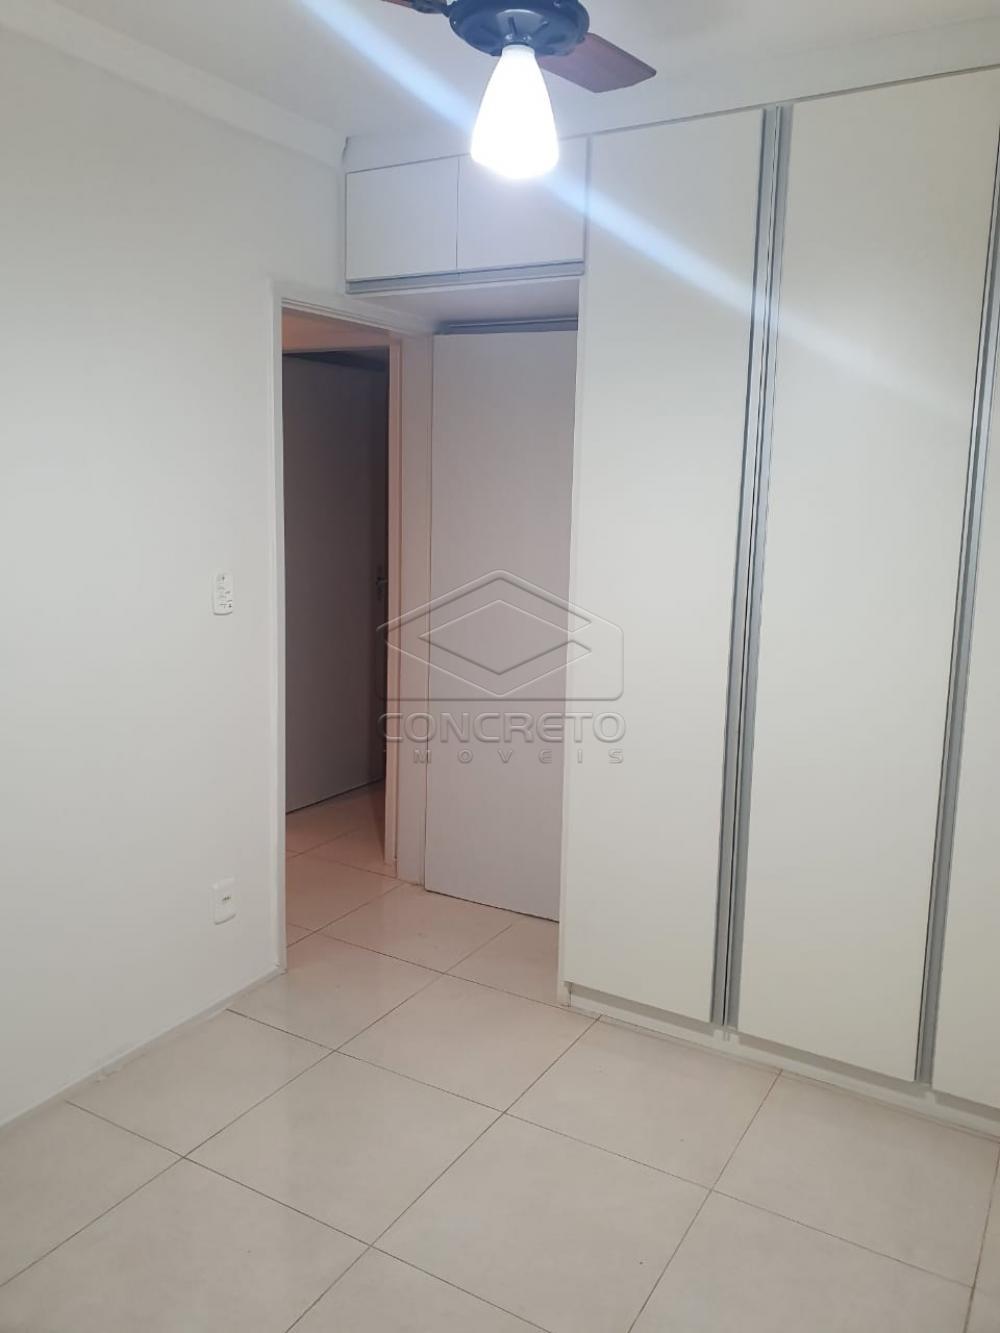 Comprar Apartamento / Padrão em Bauru apenas R$ 400.000,00 - Foto 13